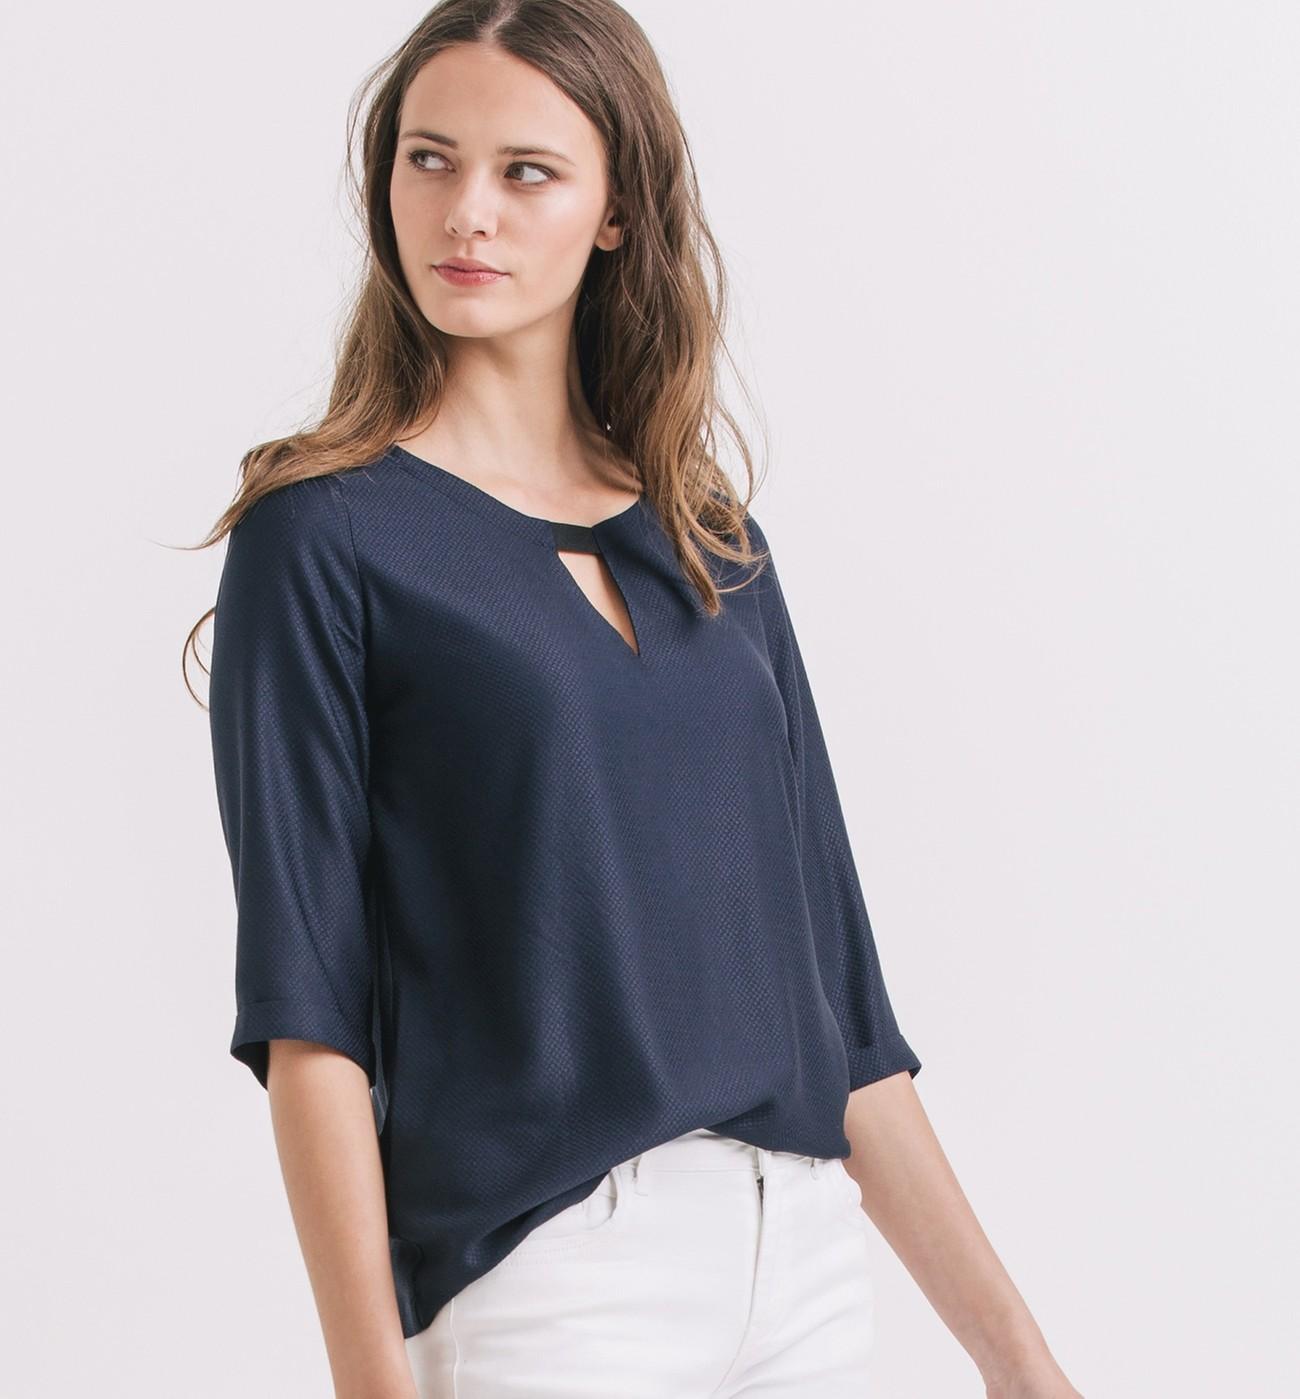 11b3cb41614 Chemisier blouse pour femme - Chapka